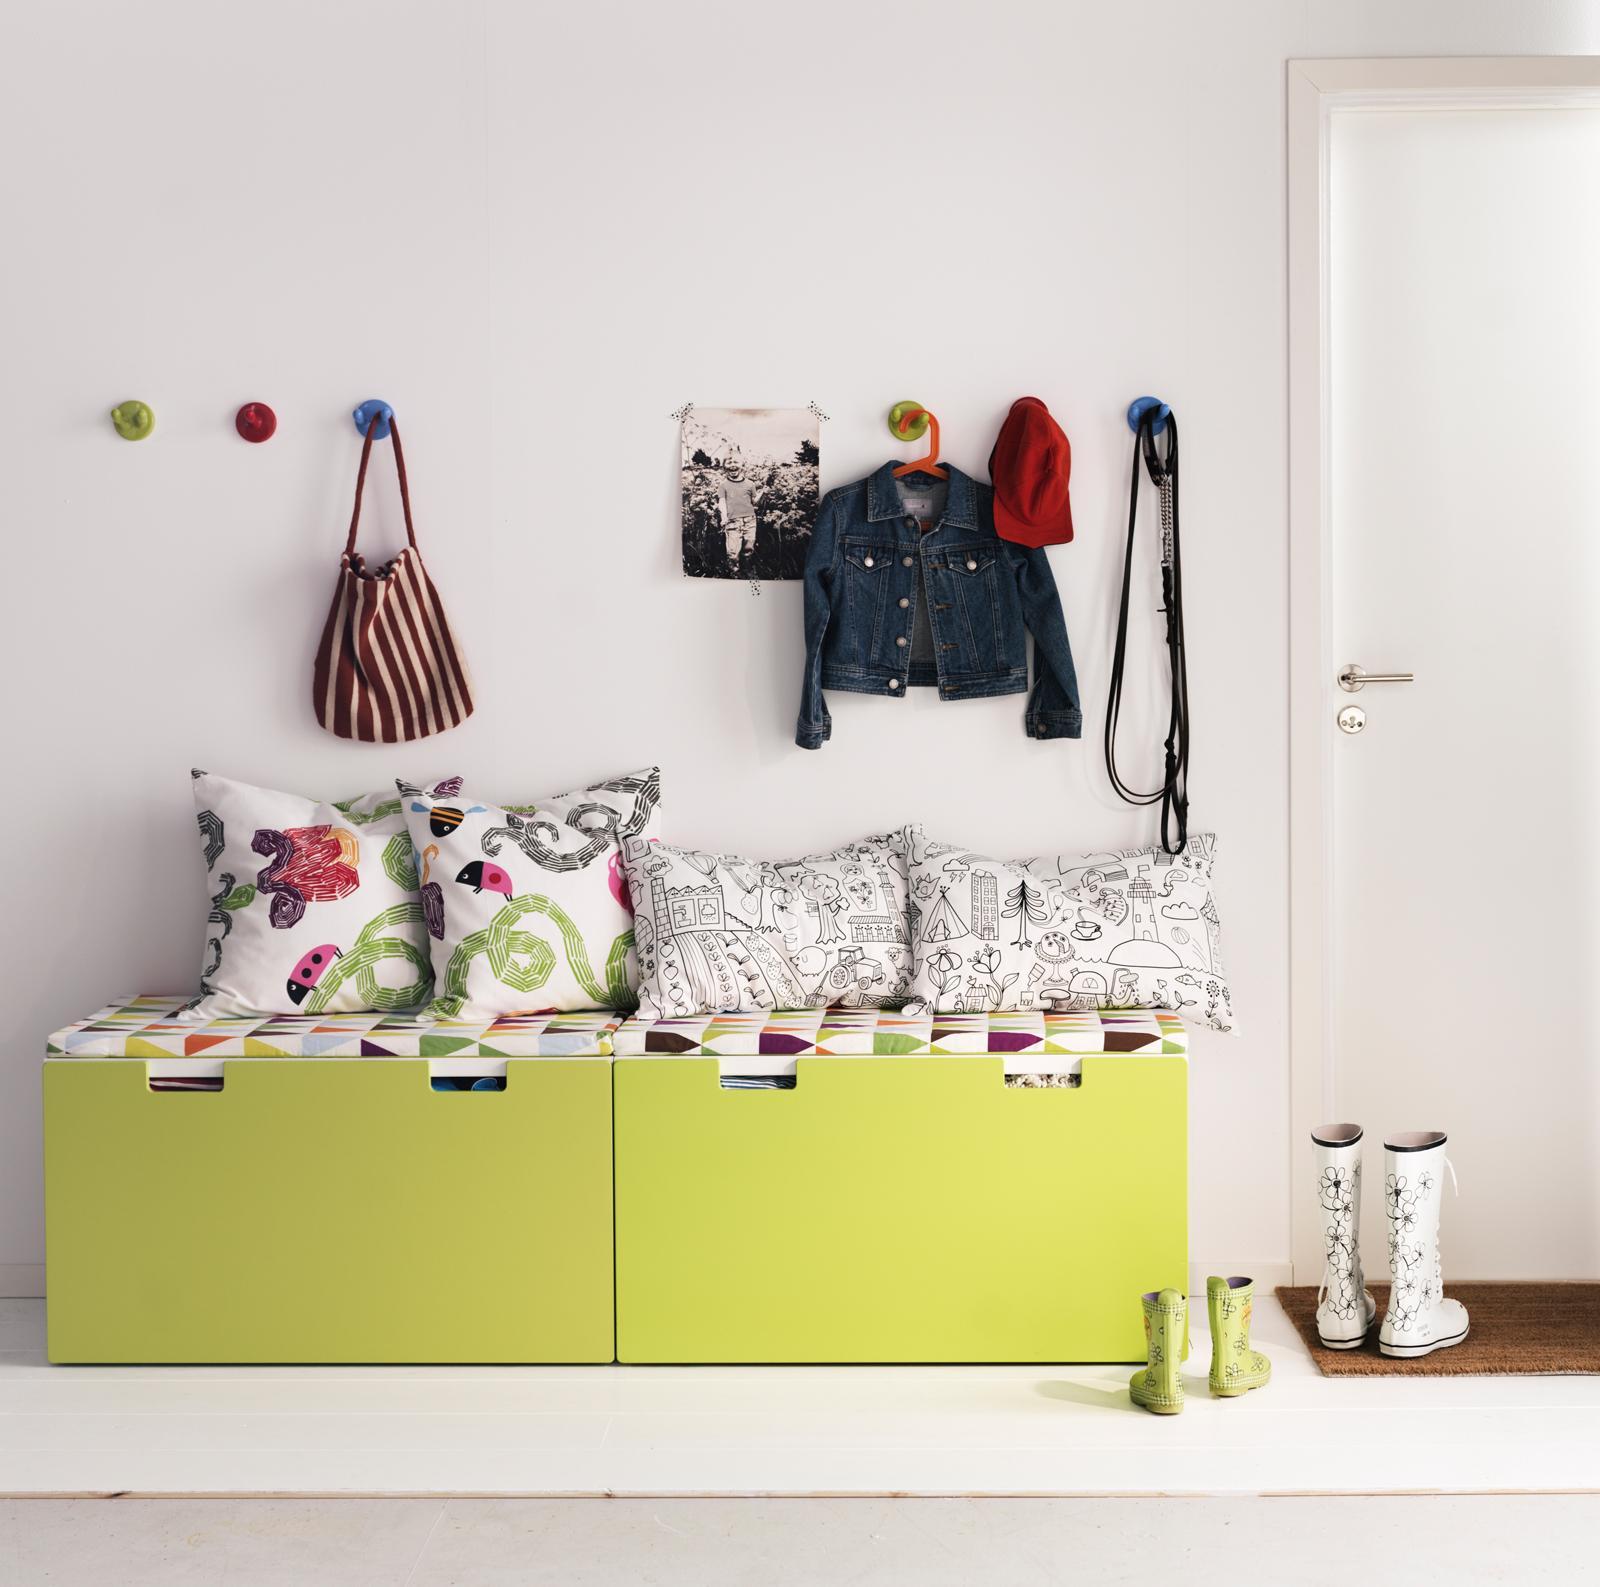 Full Size of Ikea Sitzbank Mit Aufbewahrungsksten Sitzbankflur Bad Küche Bett Kaufen Kosten Garten Schlafzimmer Betten Bei Miniküche Sofa Schlaffunktion 160x200 Lehne Wohnzimmer Ikea Sitzbank